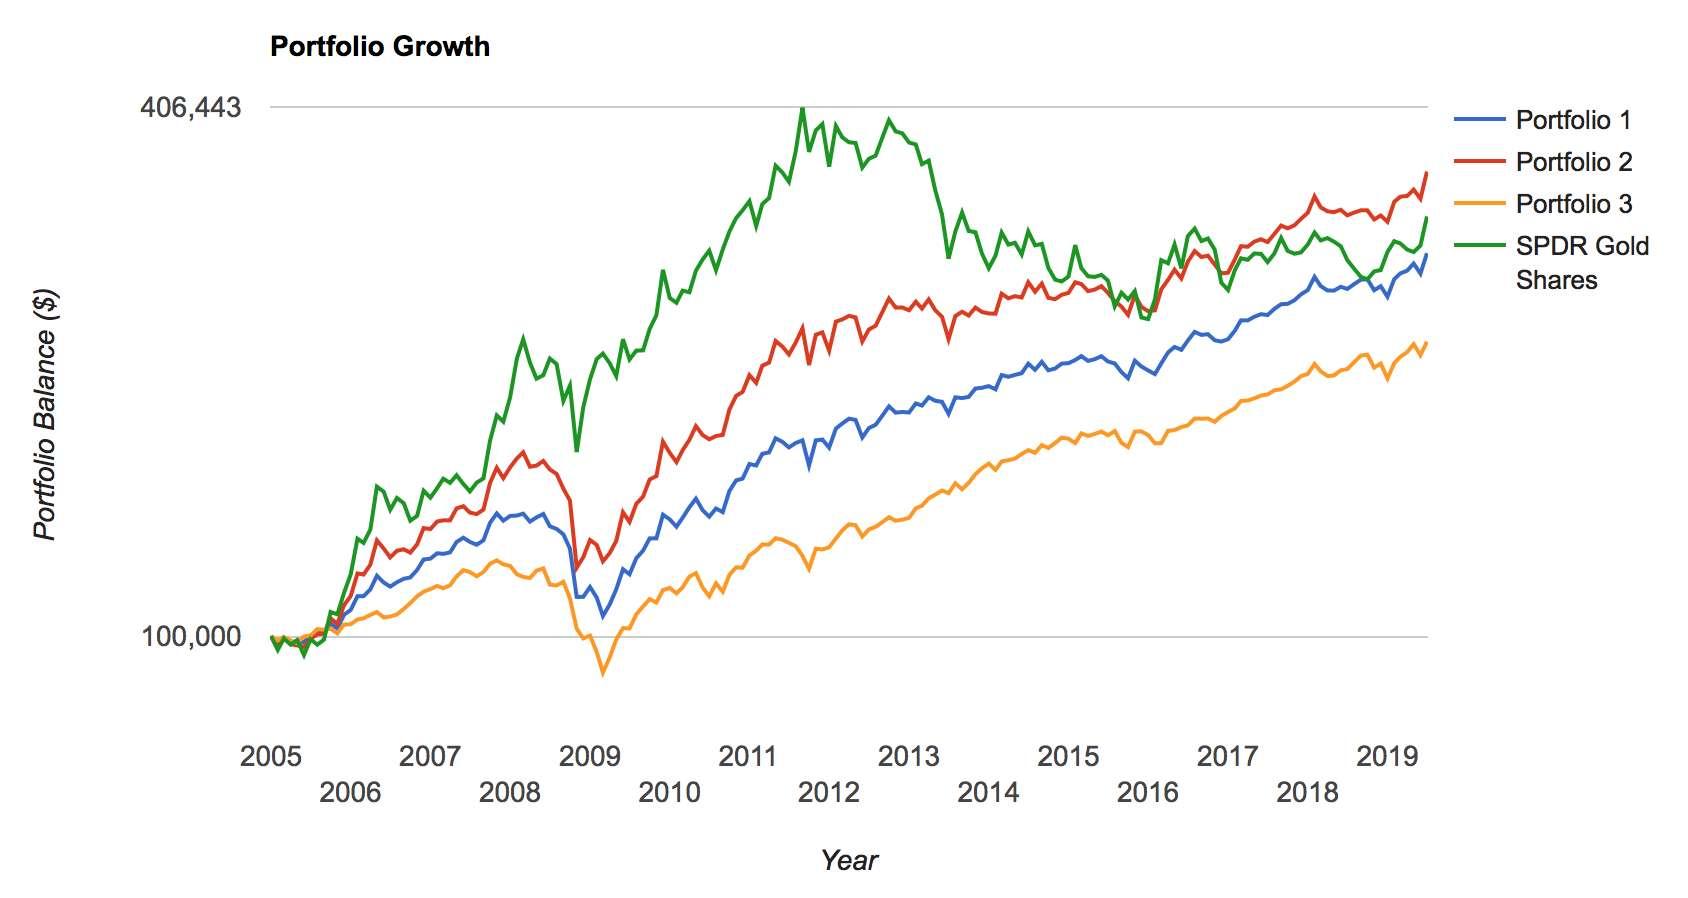 Våra tre portföljer med guld som jämförelseindex. 2005-2019. Logritmisk skala.